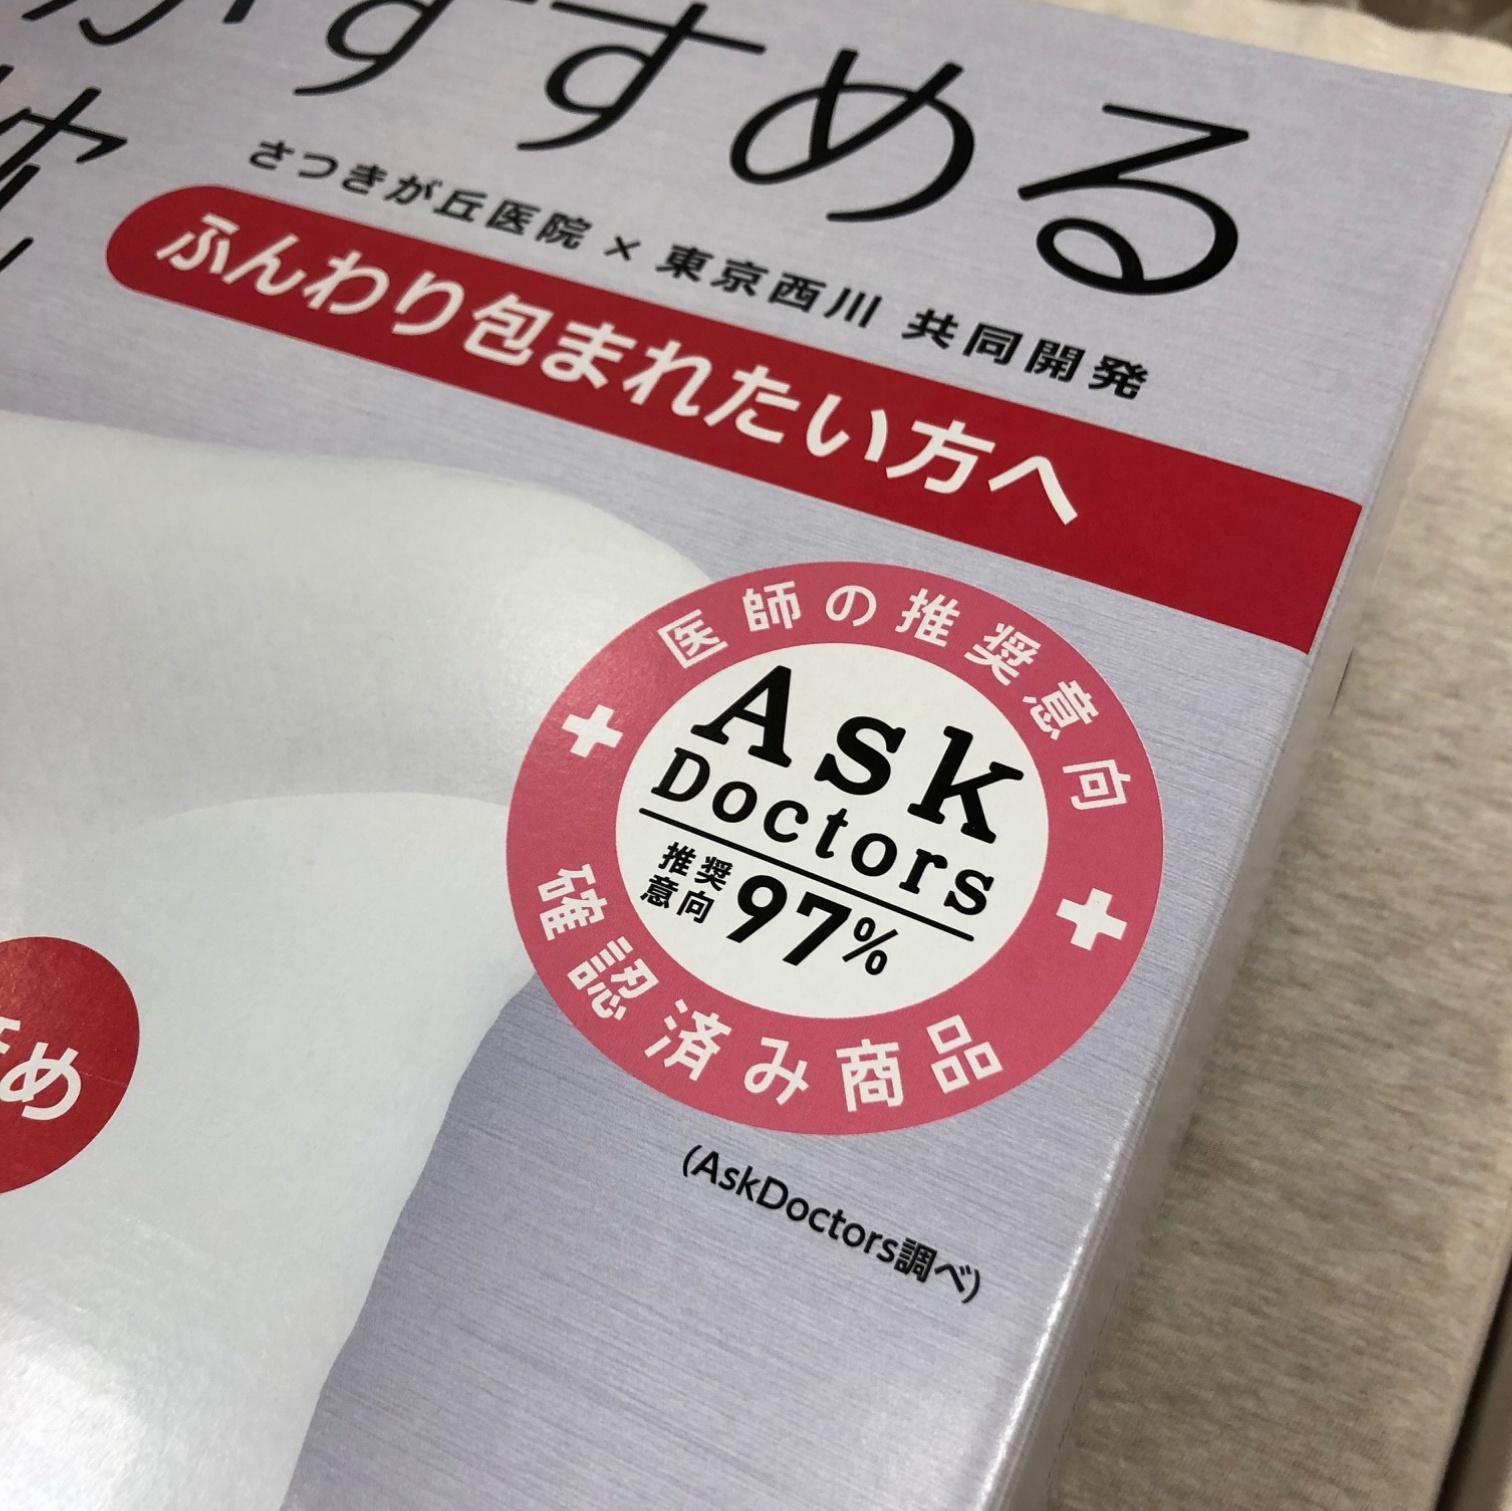 枕にこだわるという贅沢。『東京西川』の「医師がすすめる健康枕」をライターみかりんが試してみた!_2_6